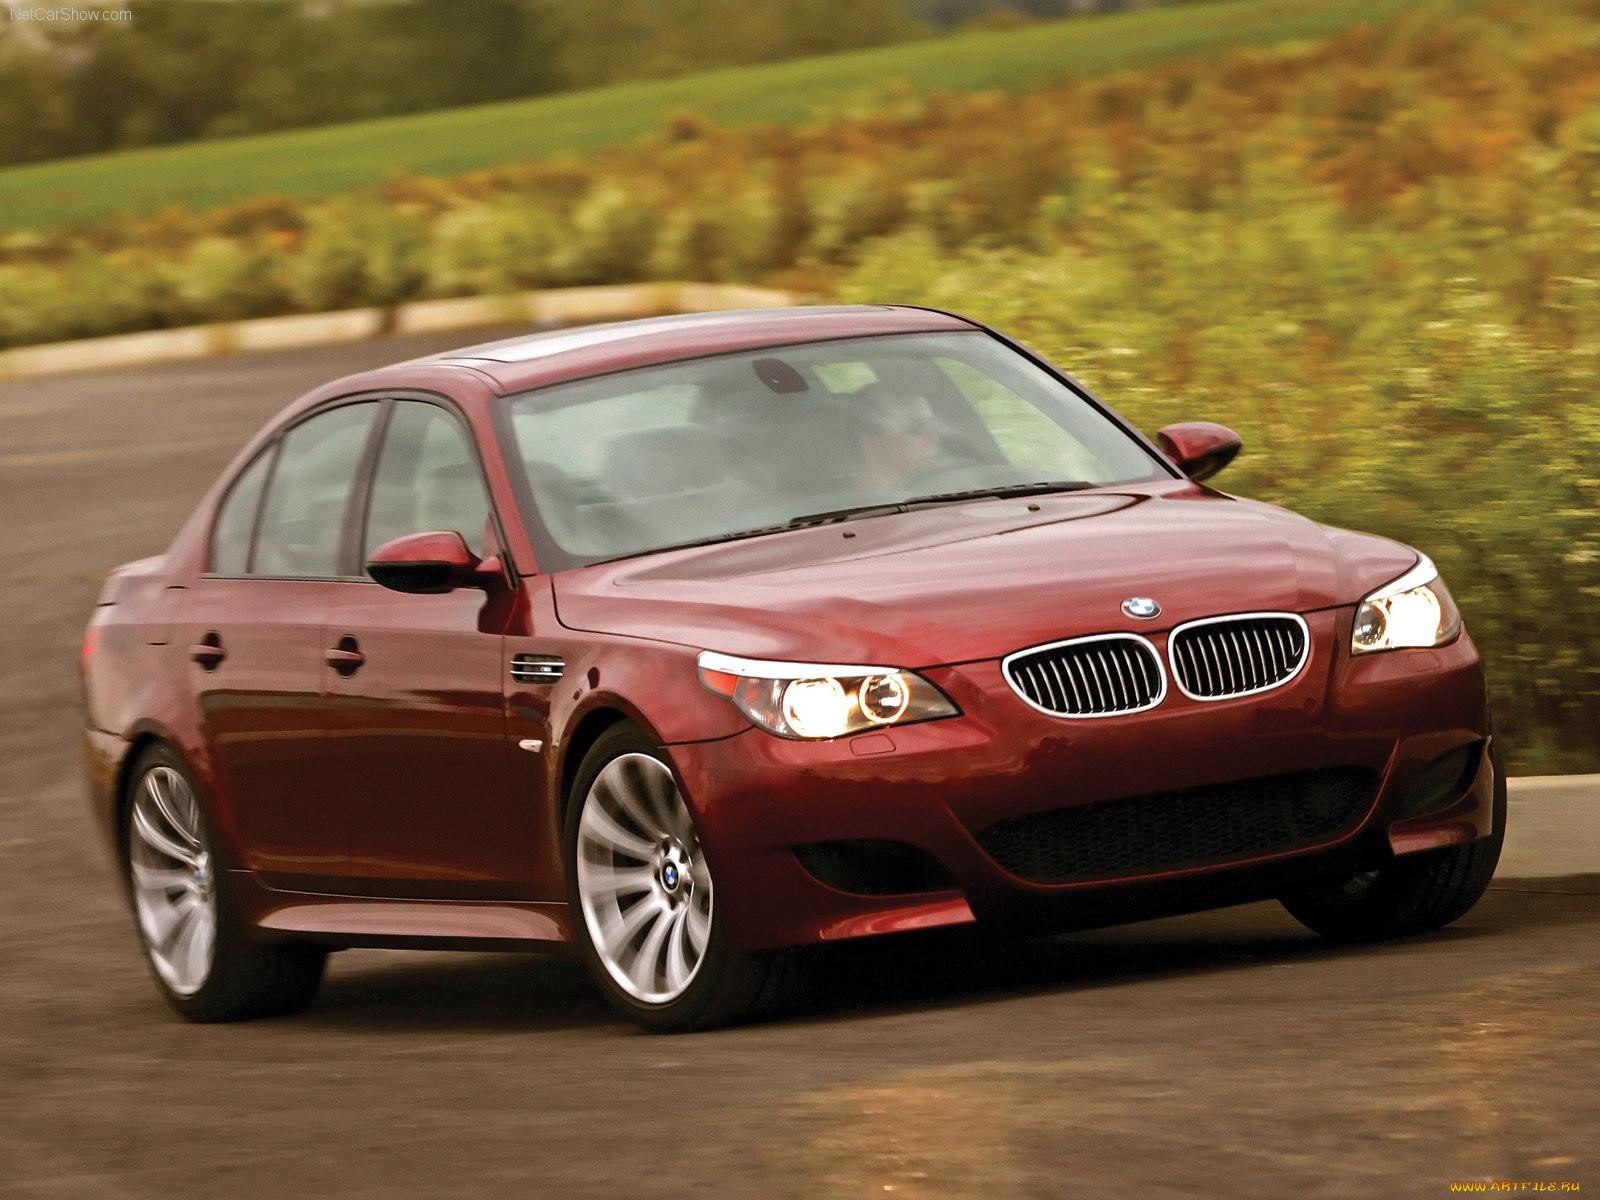 BMW снимает с производства M5 E60.  Любой BMW - это алкоголь, M5 - это секс и алкоголь в одном алюминиевом стакане.